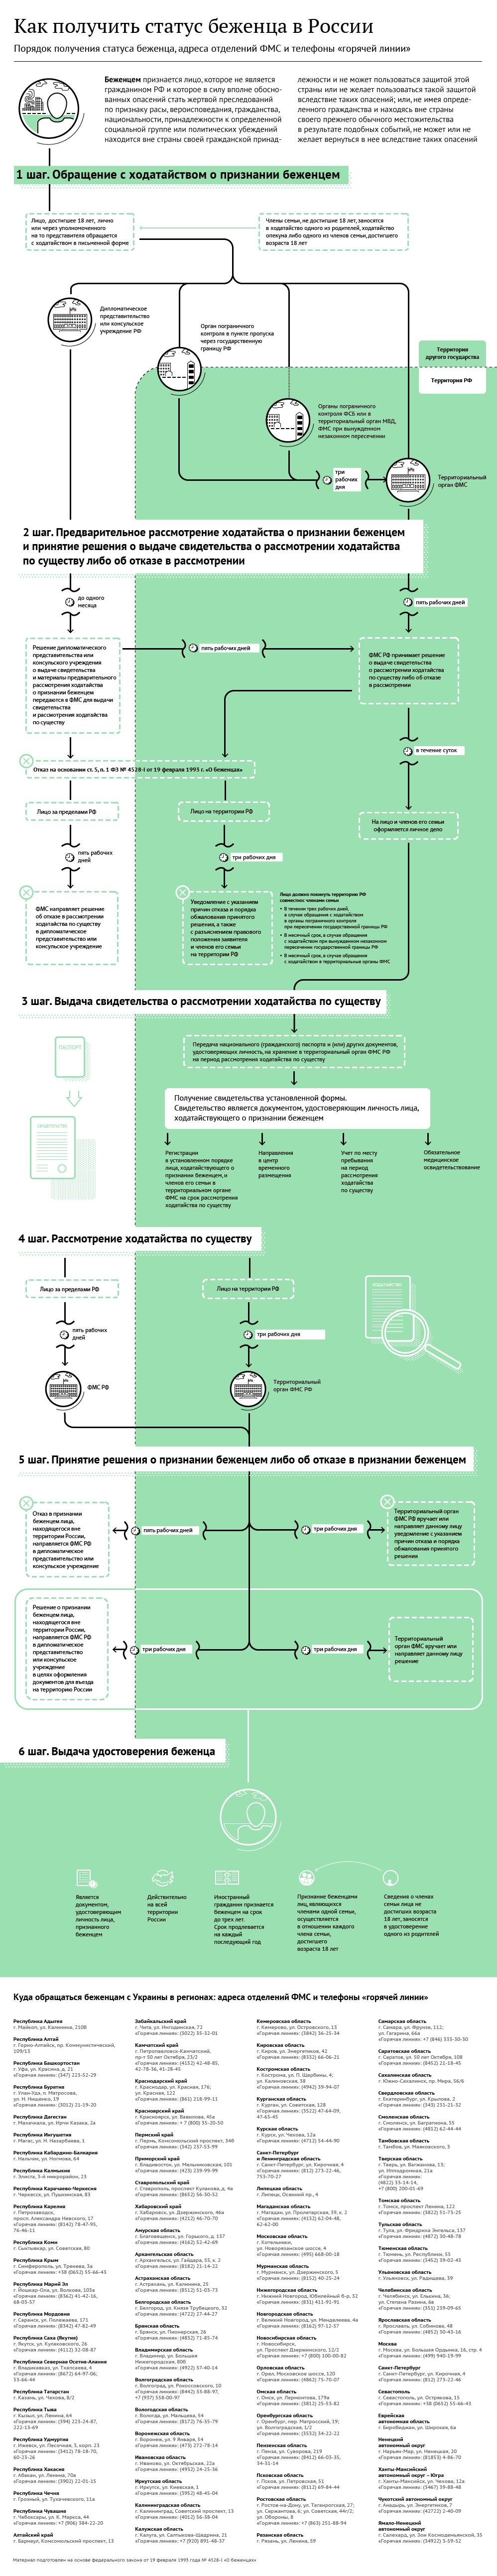 Закон об упрощенной схеме получения гражданства для украинцев